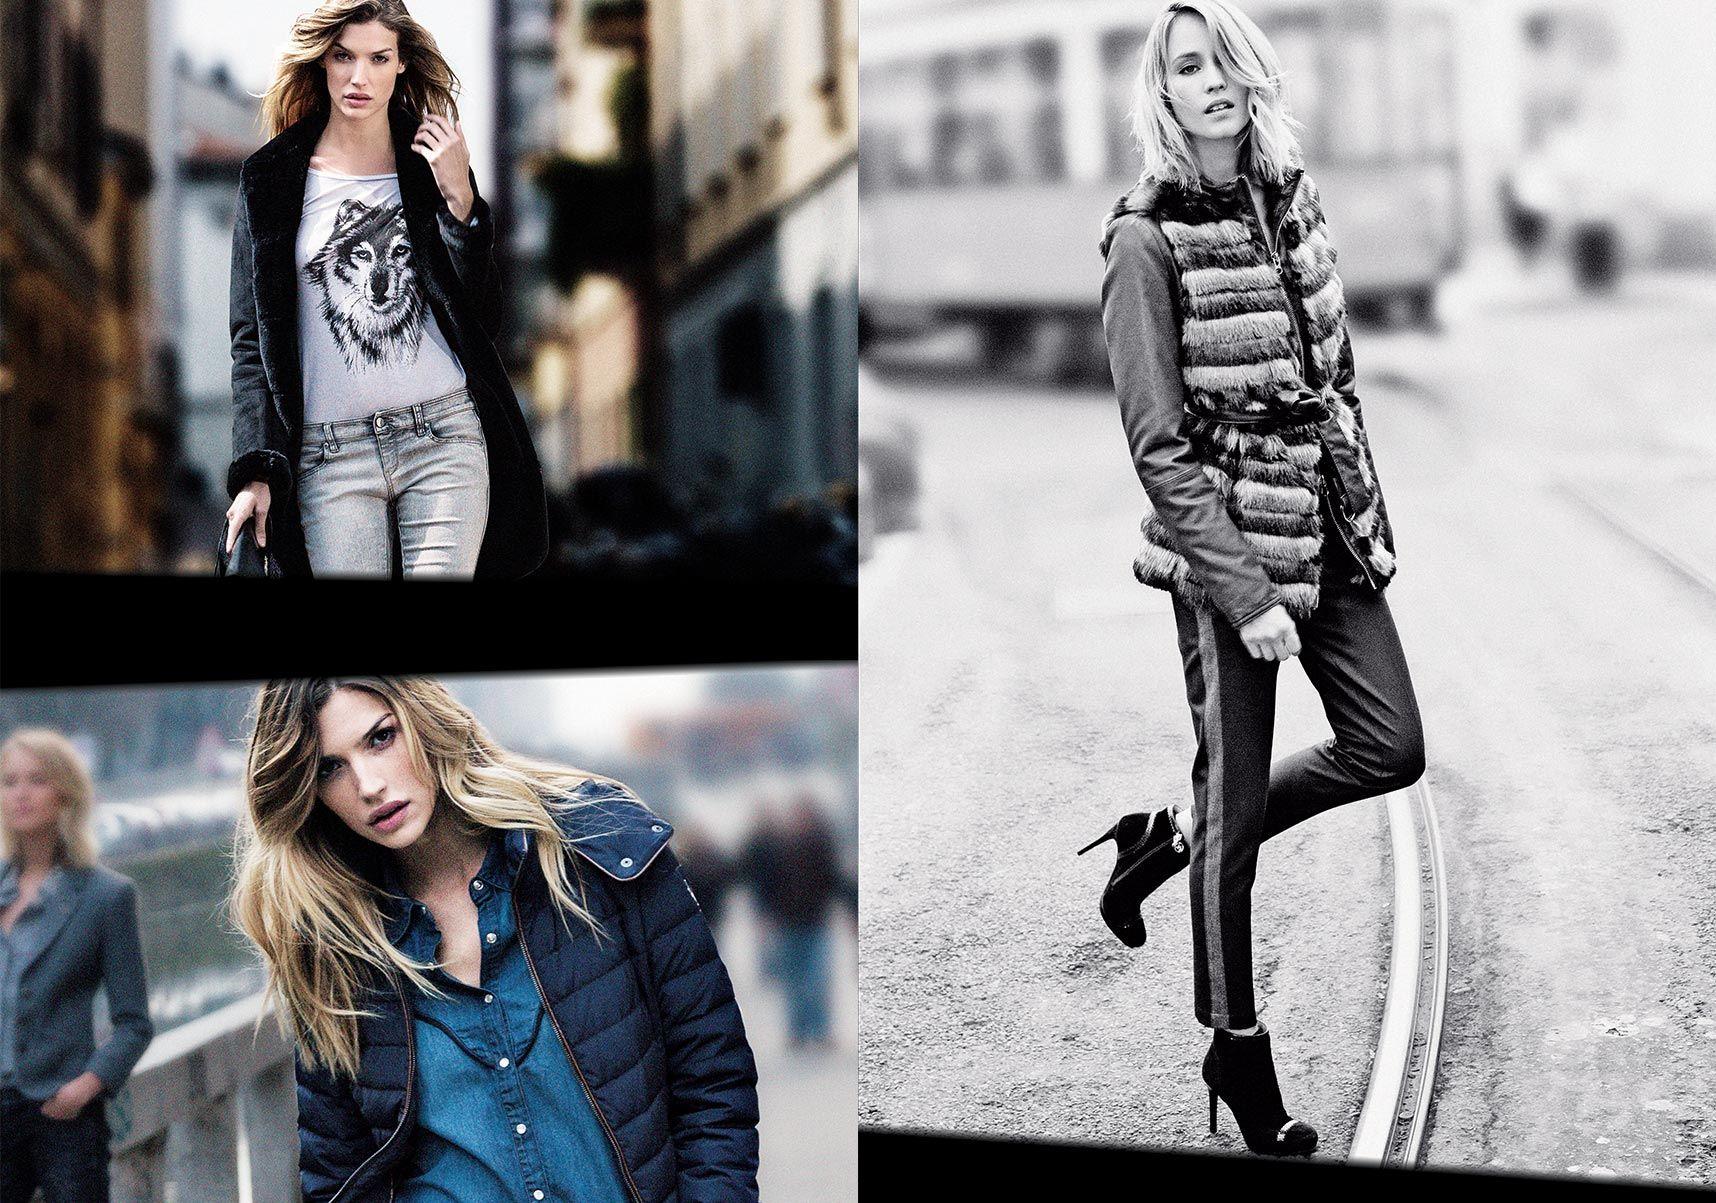 Armani Jeans Fall/Winter 2013